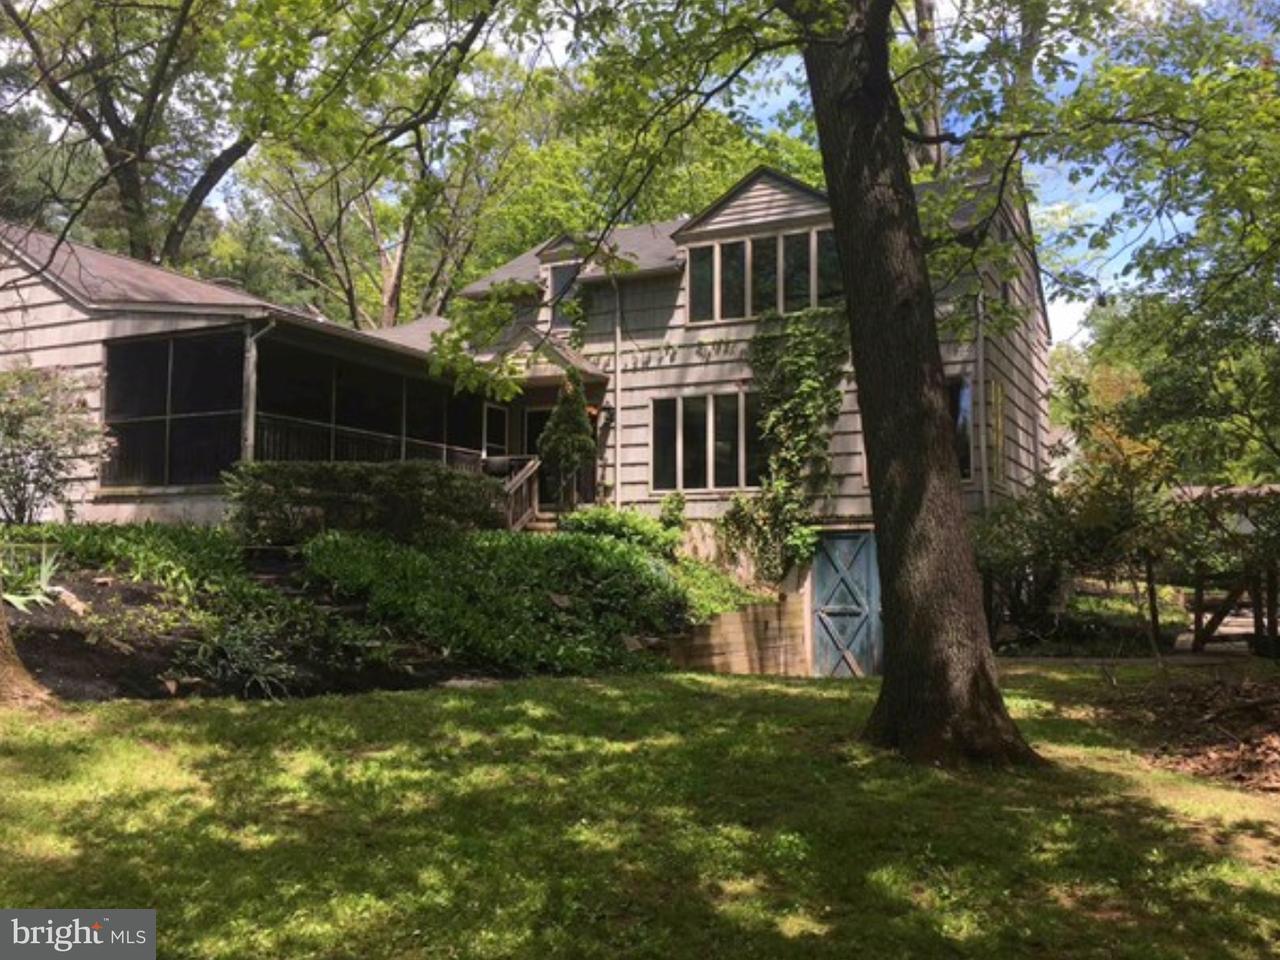 独户住宅 为 销售 在 34 MADDOCK Road 泰特斯维尔, 新泽西州 08560 美国在/周边: Hopewell Township